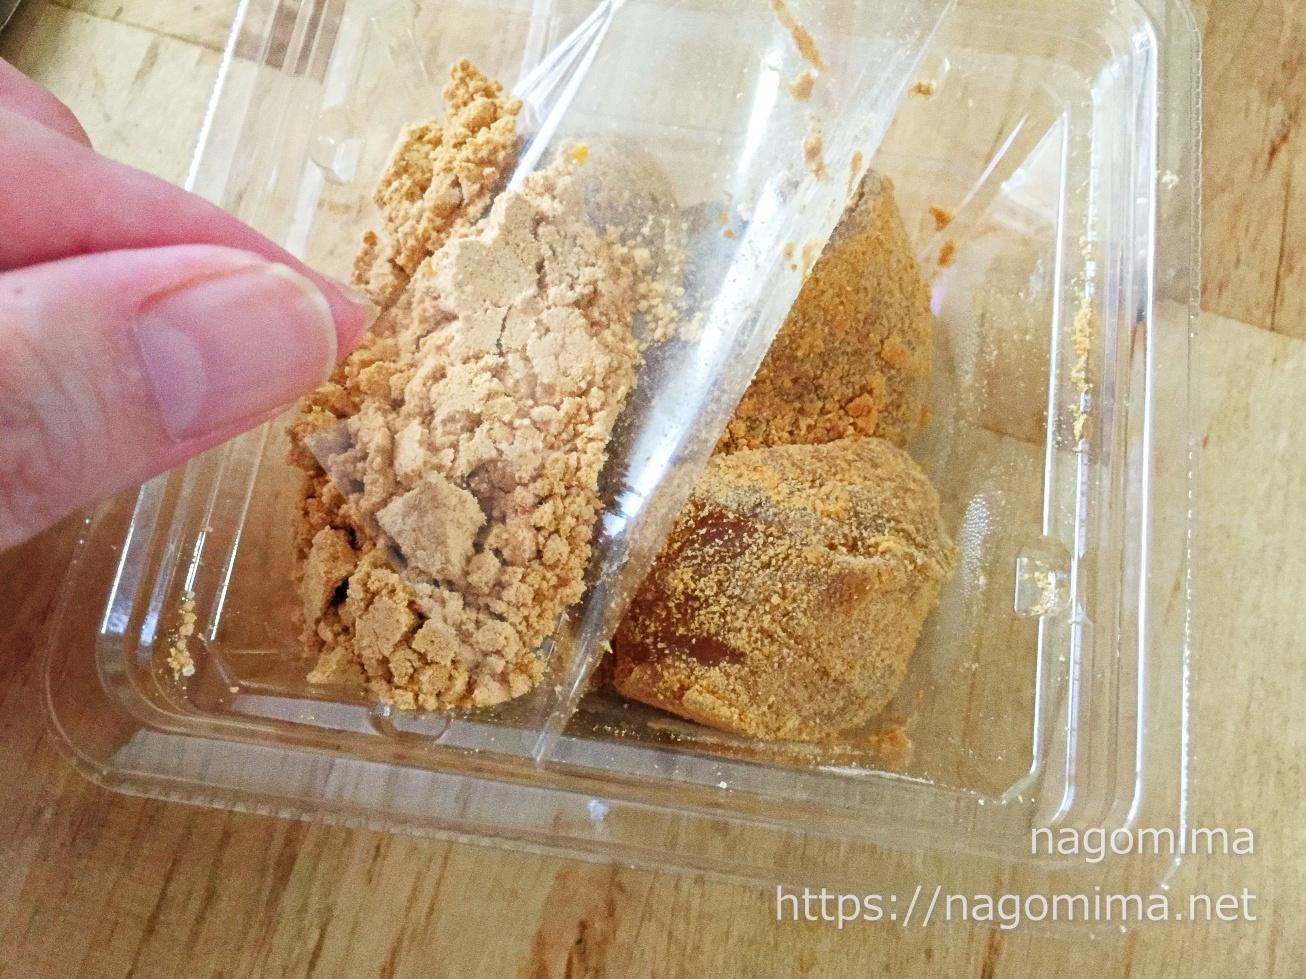 【武蔵野市・西久保】「ぼたんとおはぎ」のおはぎとわらび餅